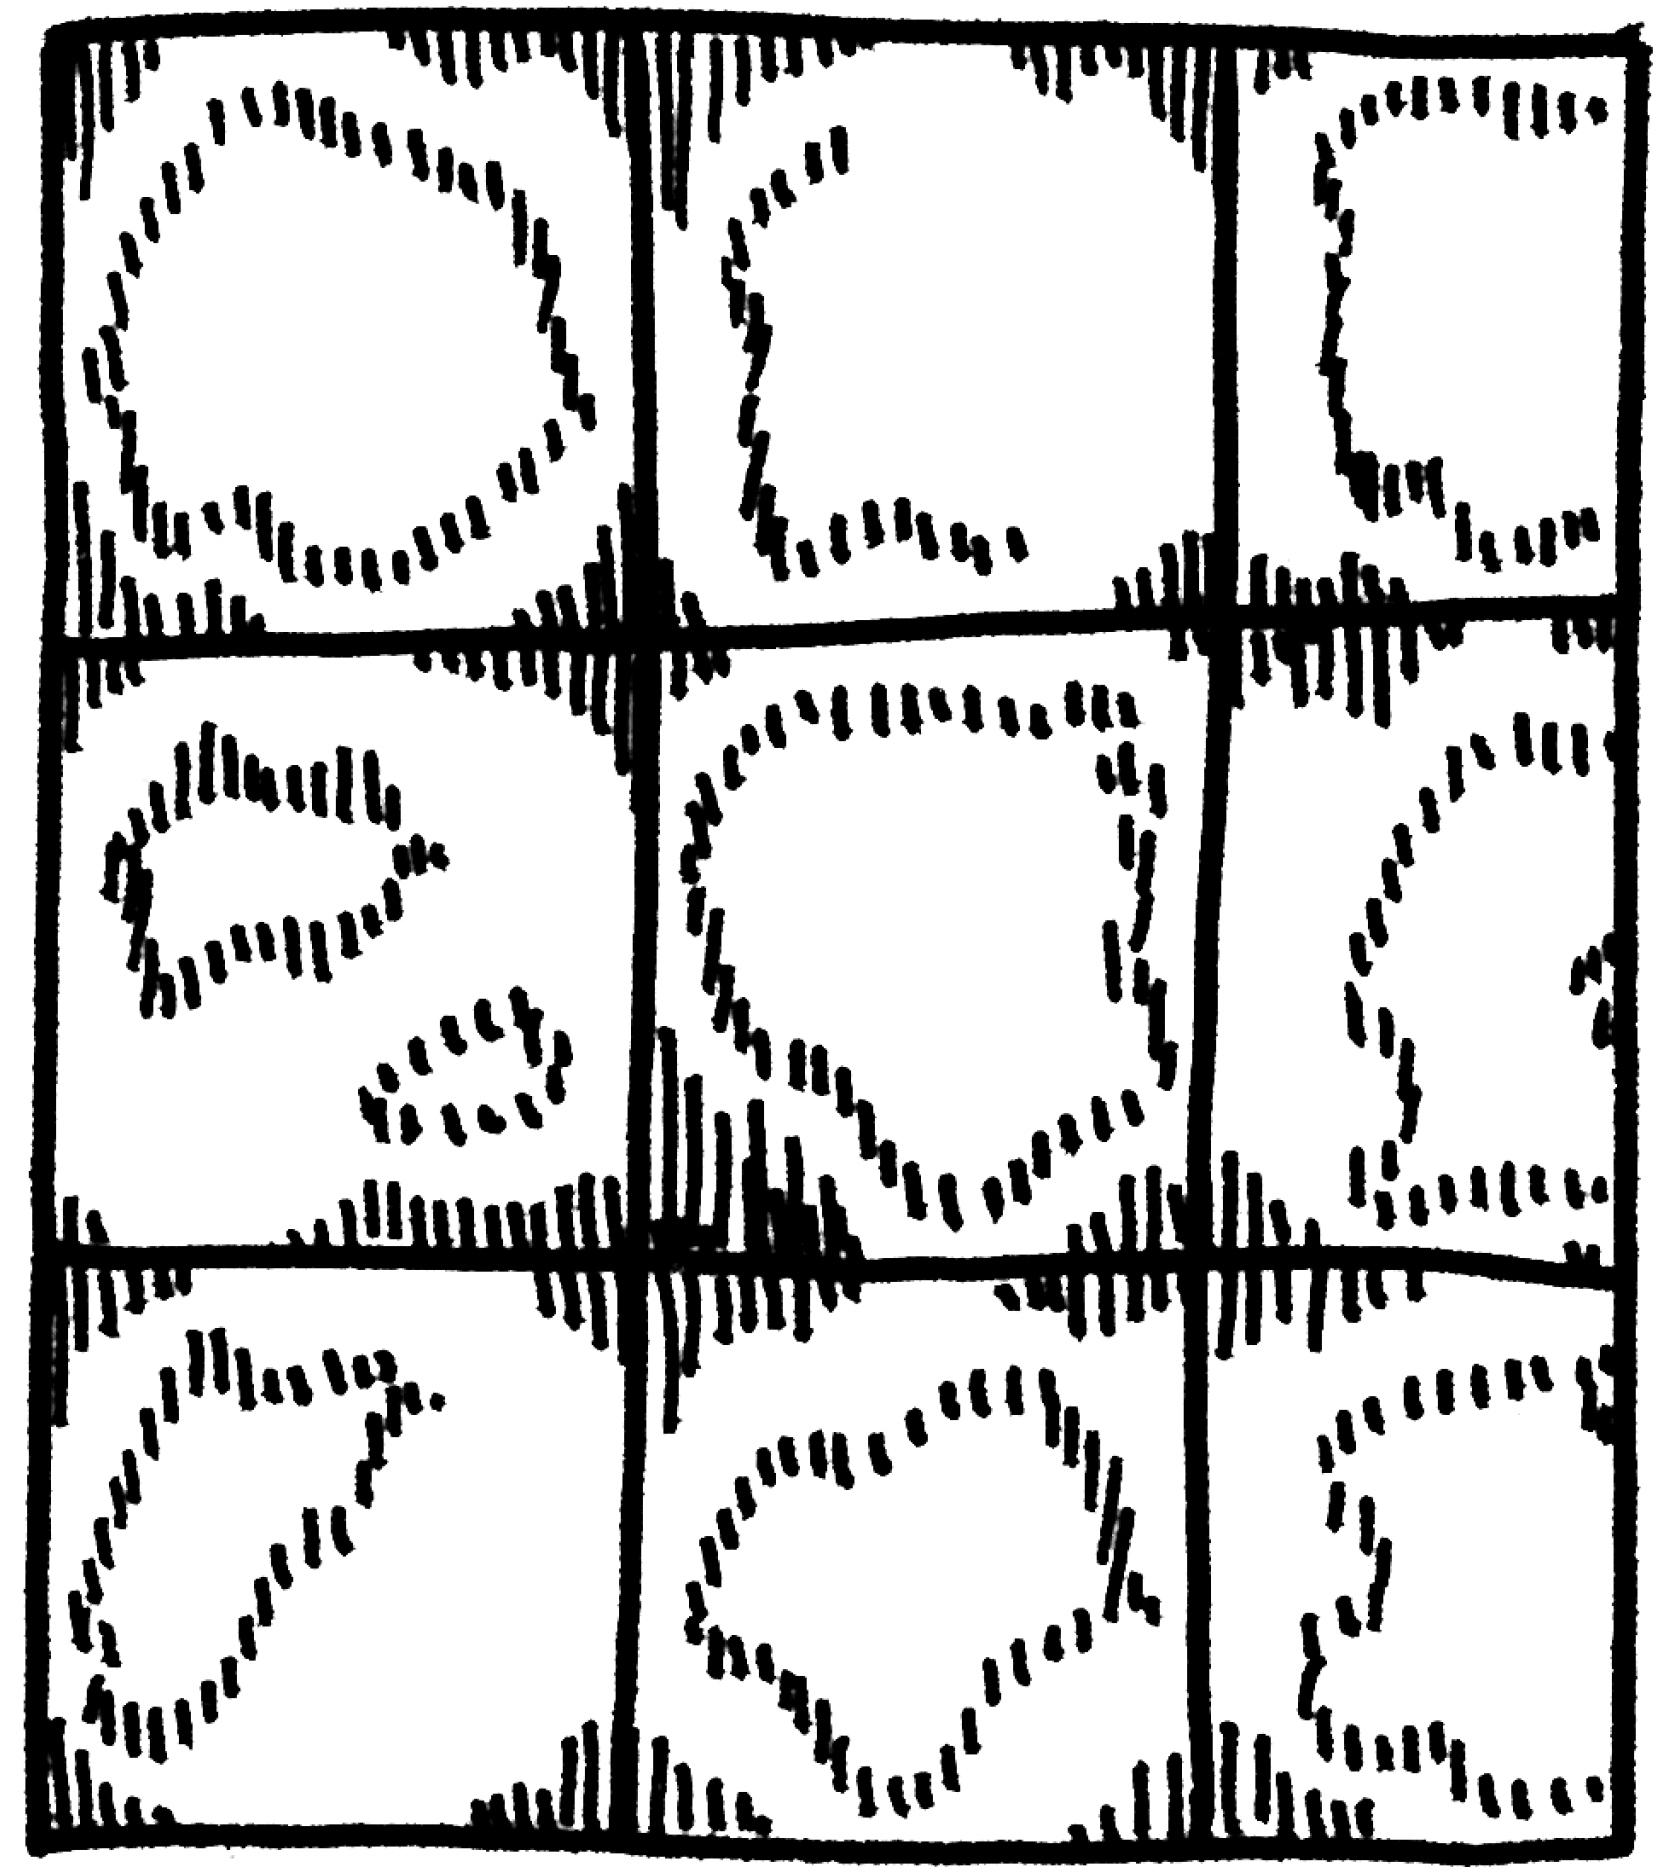 Valencia_patterns4.jpg